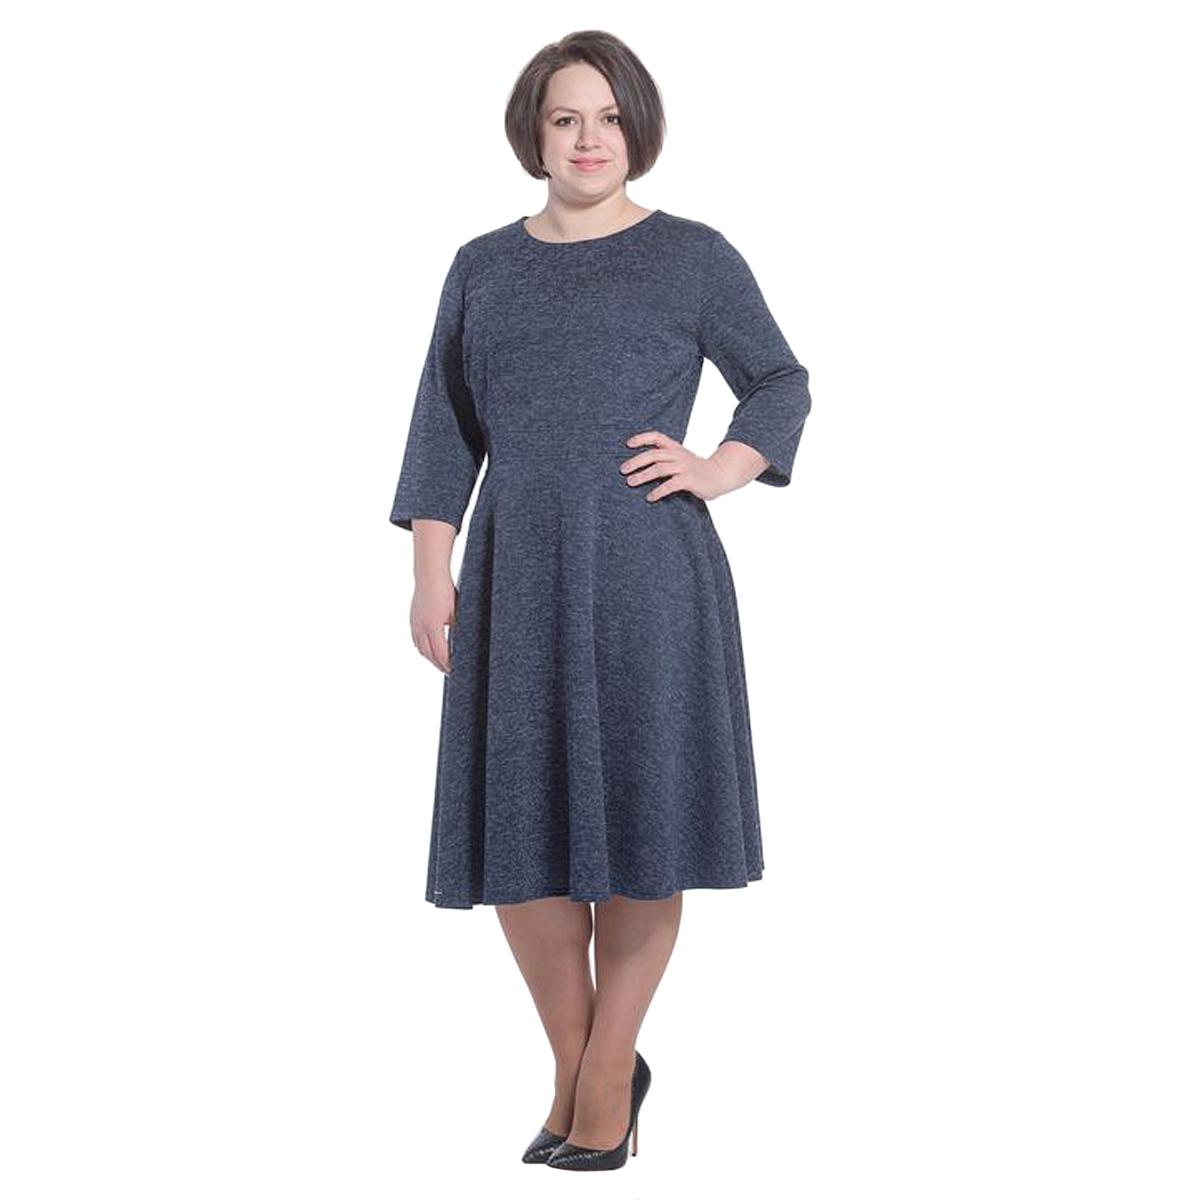 Платье KISLIS, 7250 УС цена